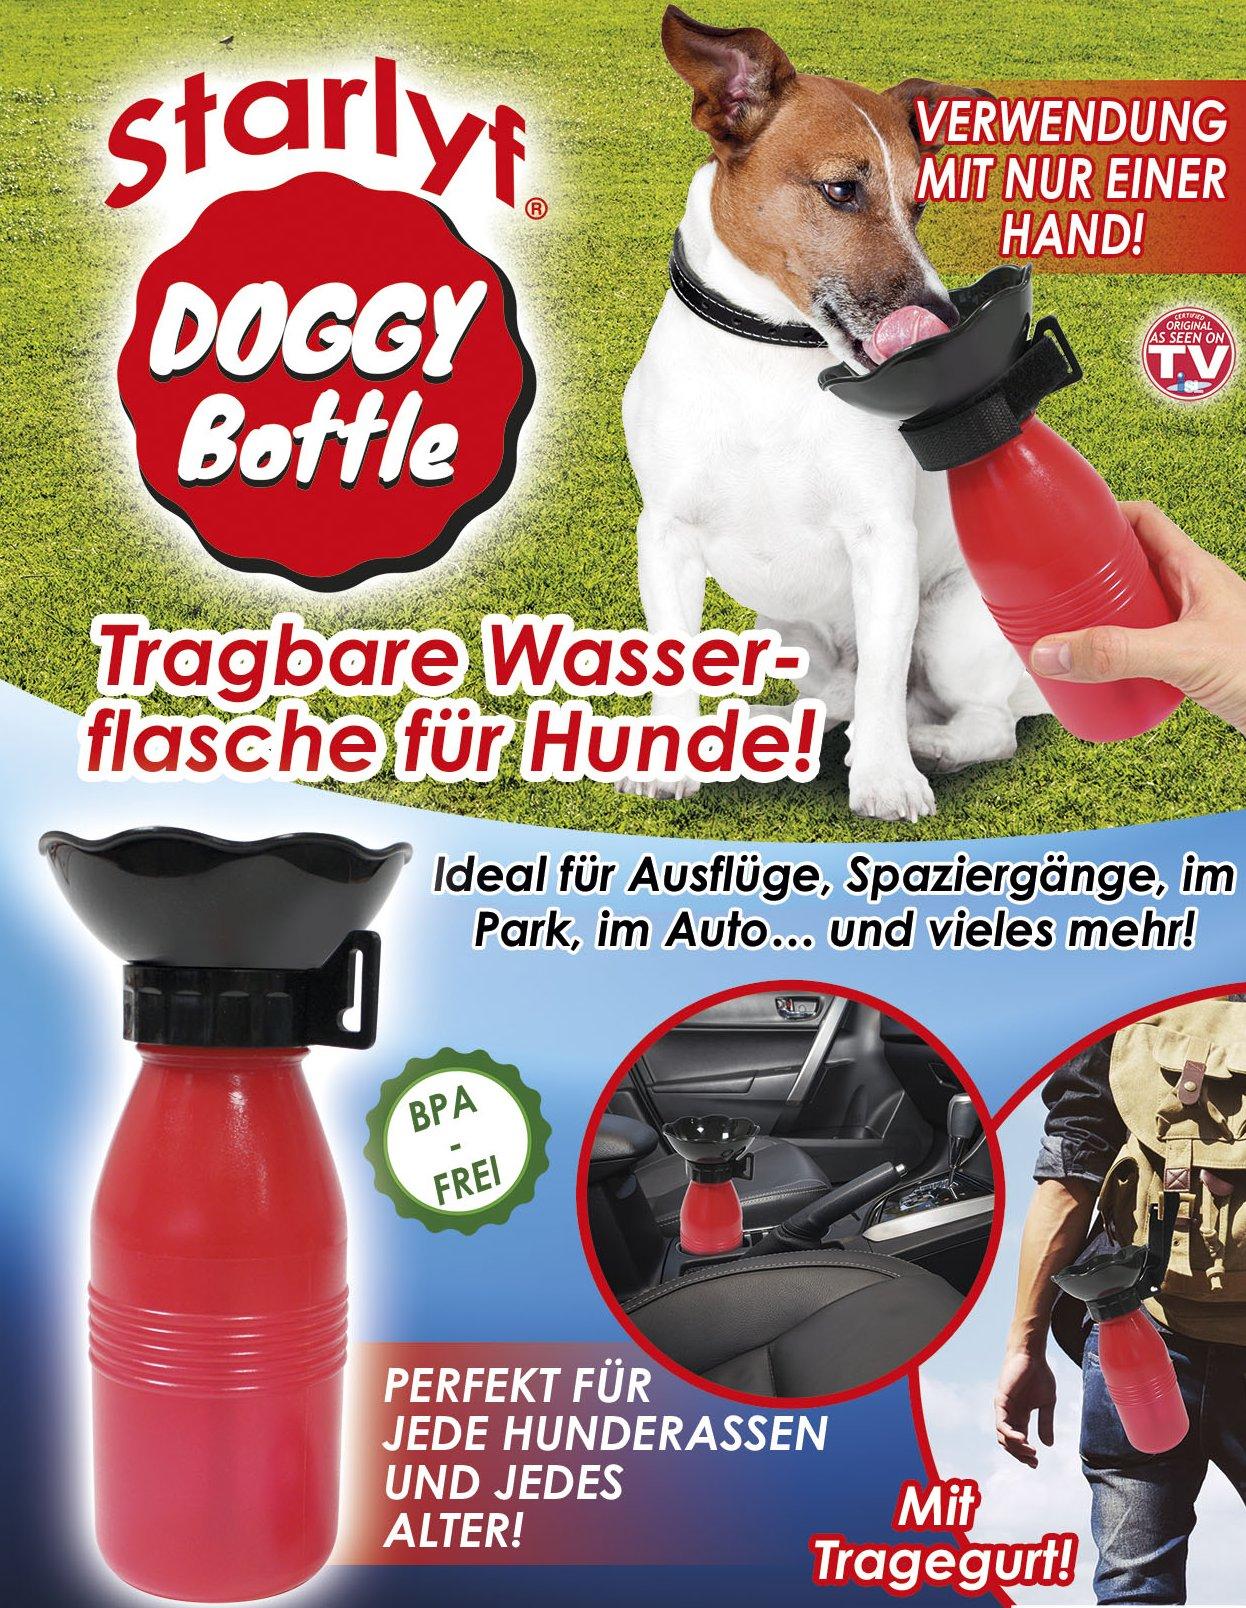 Doggy Bottle - die tragbare Wasserflasche für Ihren Hund